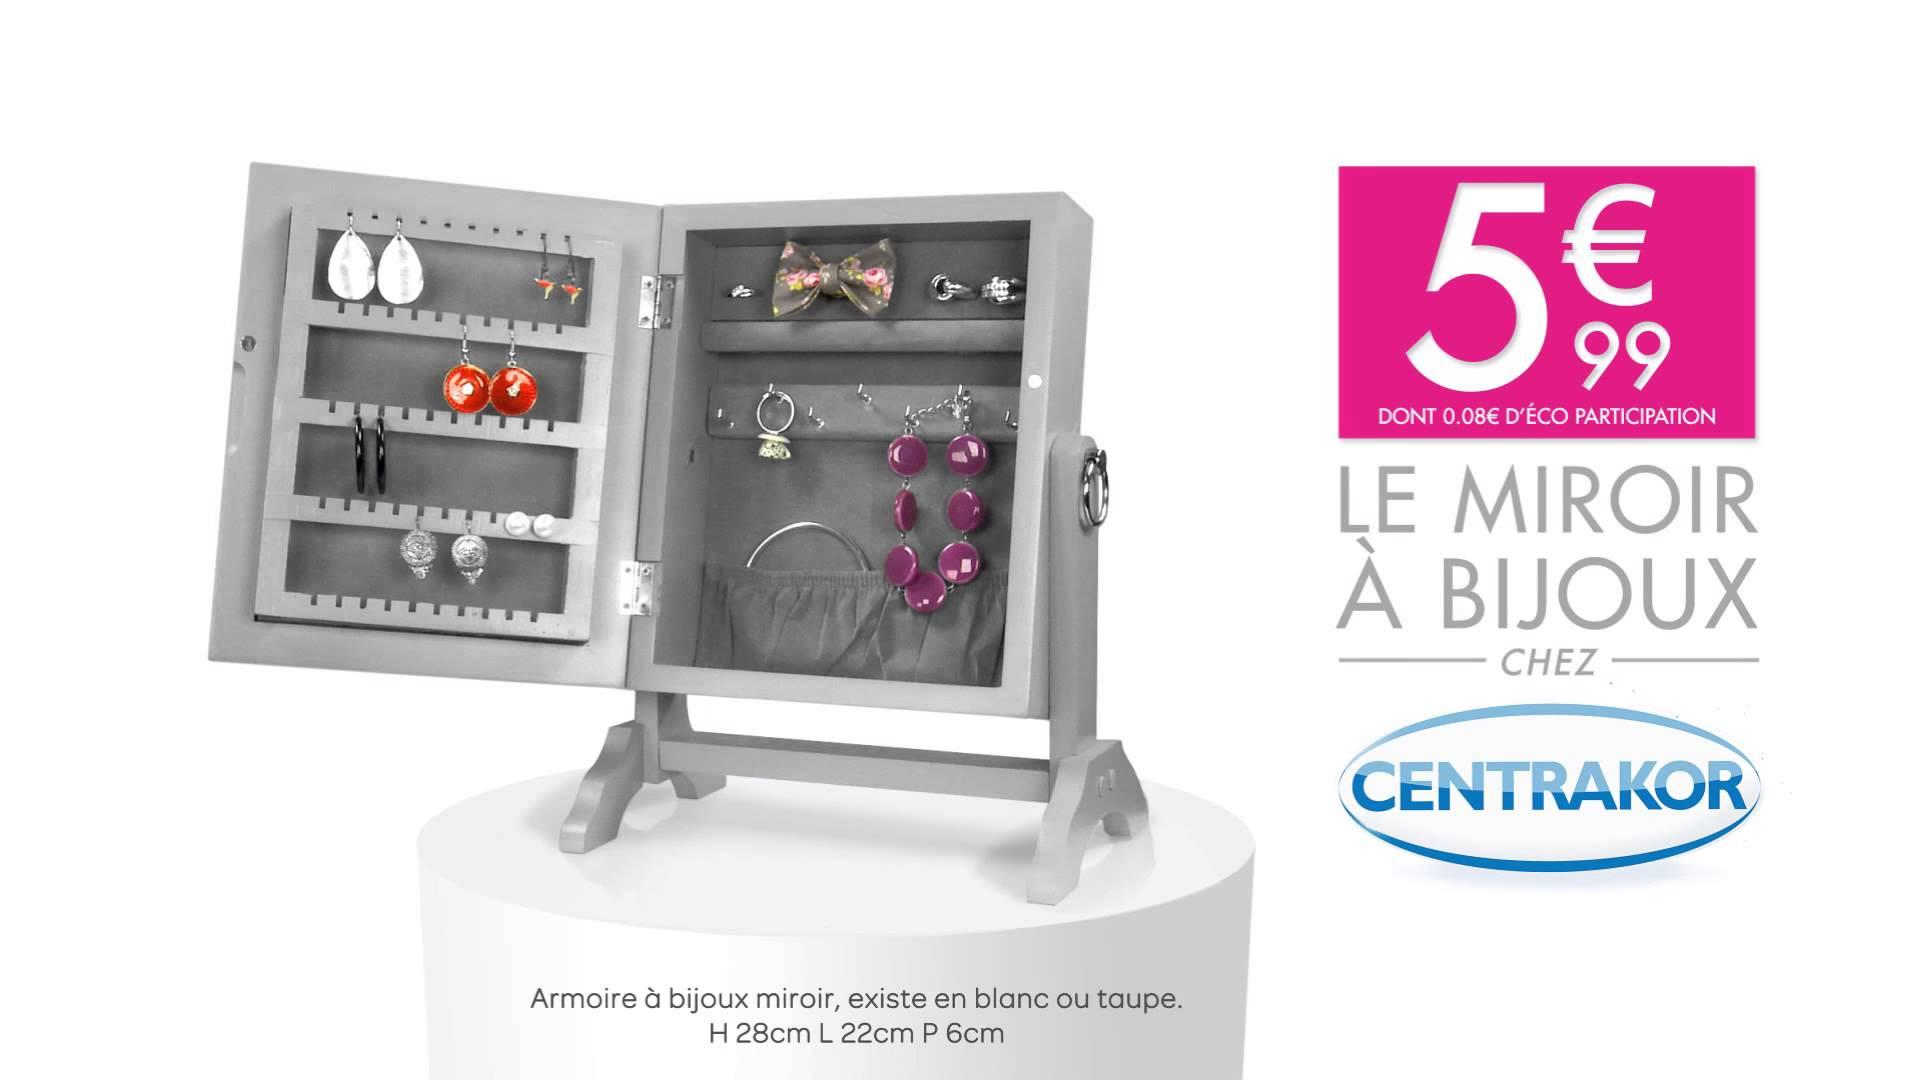 Egouttoir Vaisselle Babou Inspirant Images Babou Miroir Good Amazing Gallery Rideau De Douche Gifi Amiens